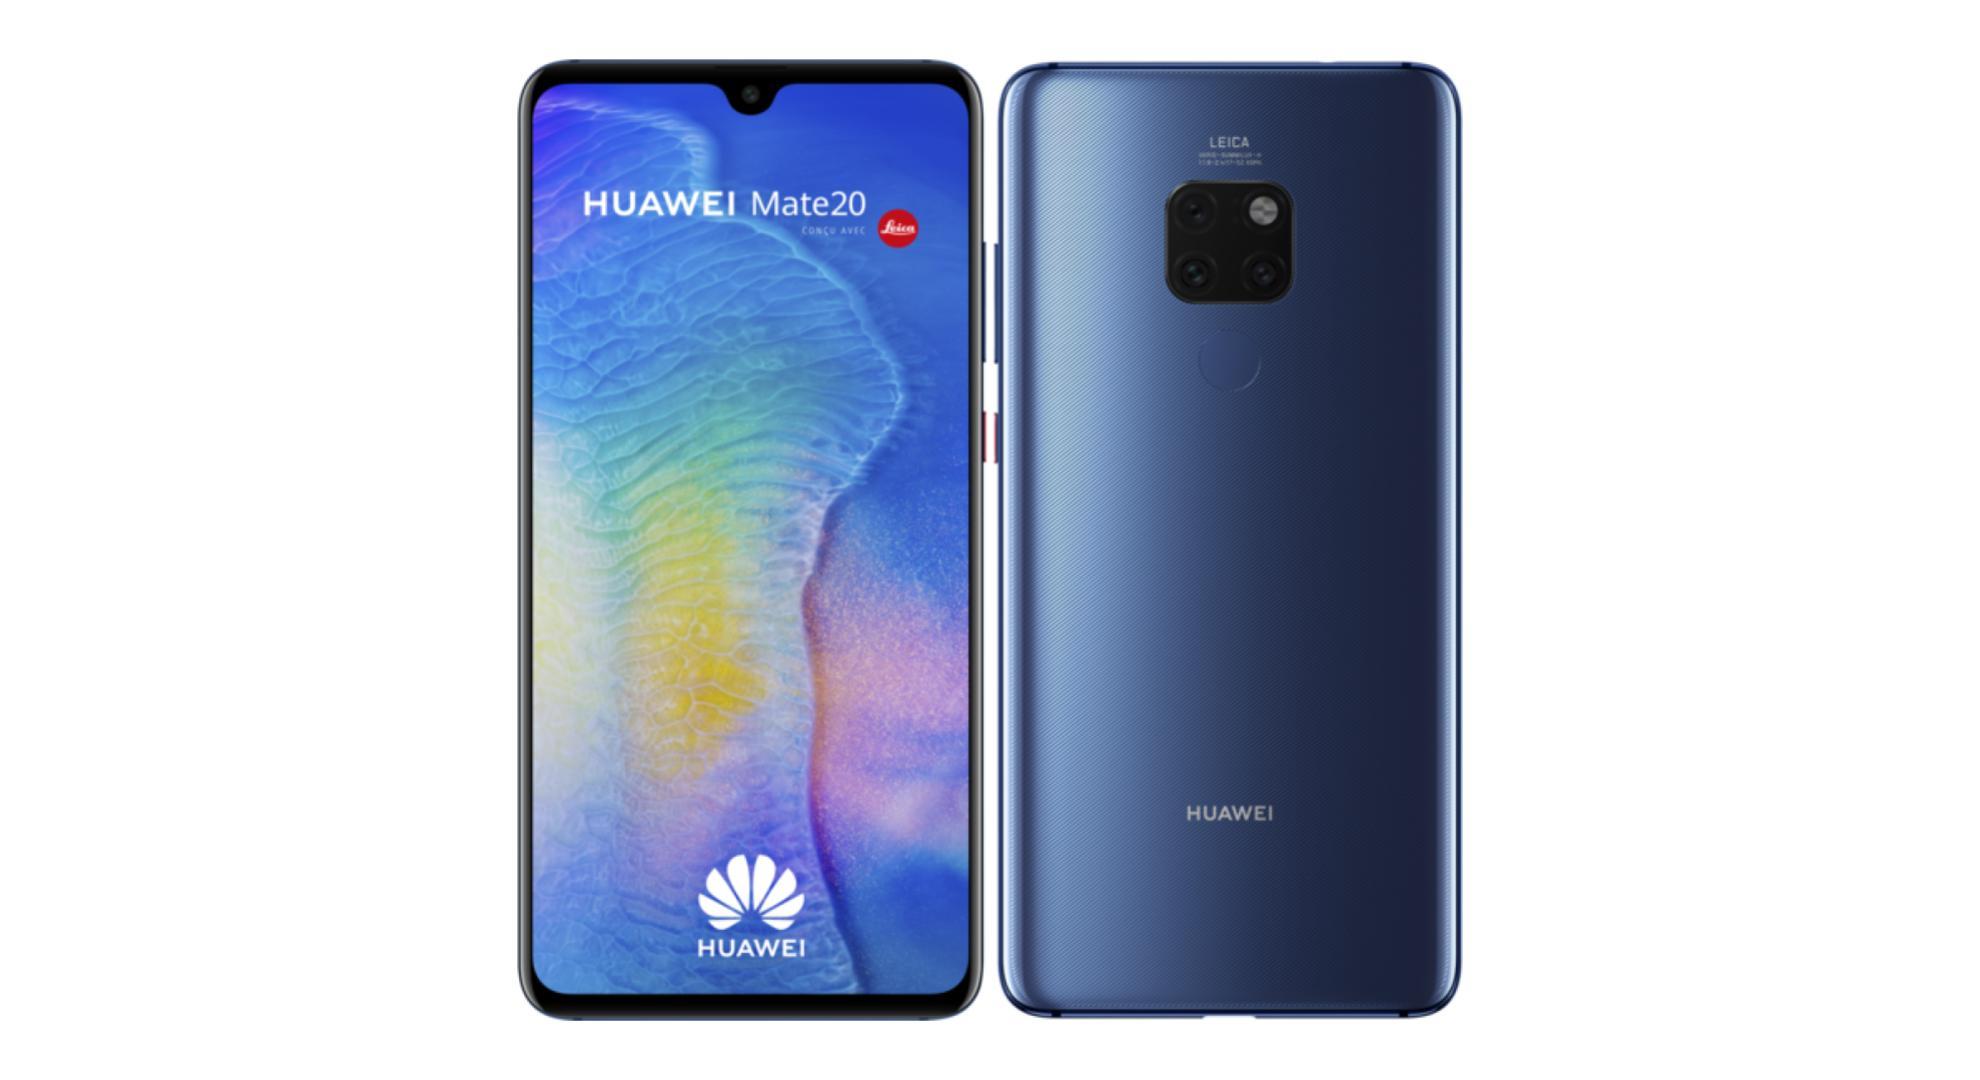 🔥 Déstockage : le Huawei Mate 20 est bradé à 468 euros sur Amazon sans ODR